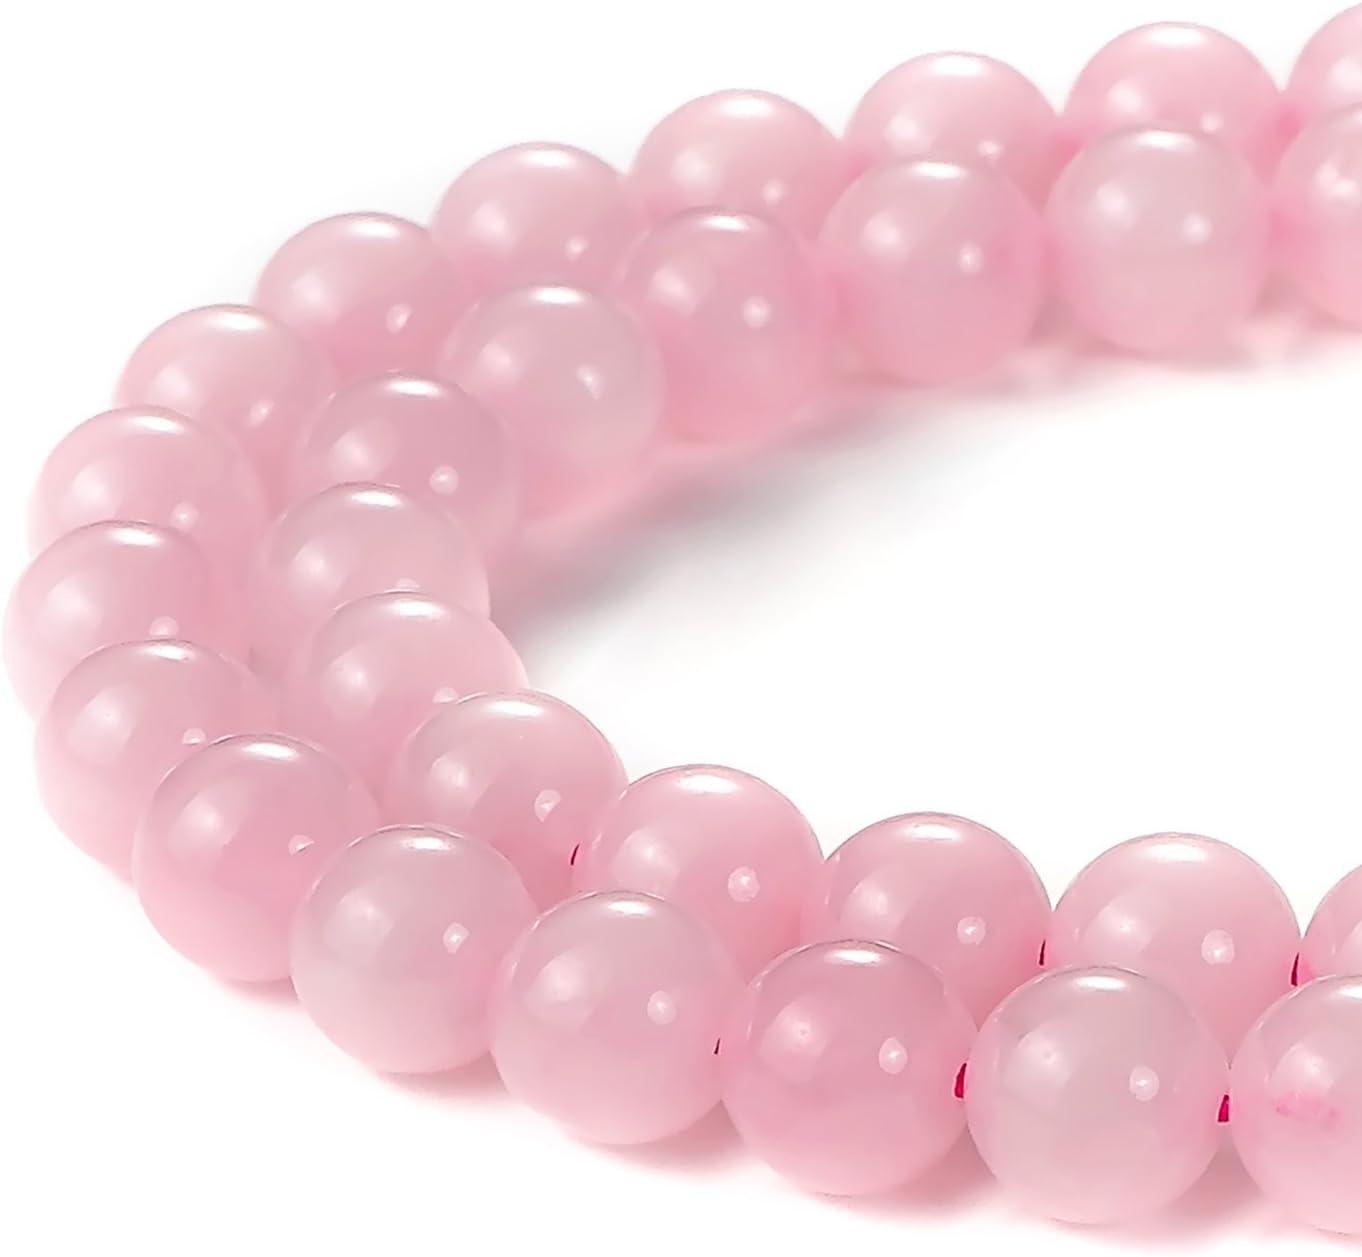 #SJ0213 1 Strand Faceted Rose Quartz Rondelles Beads Stone ~~~ 5 mm To 3 mm ~~~  Rose Quartz Faceted roundel Beads Strand ~~ 10 Inch Strand